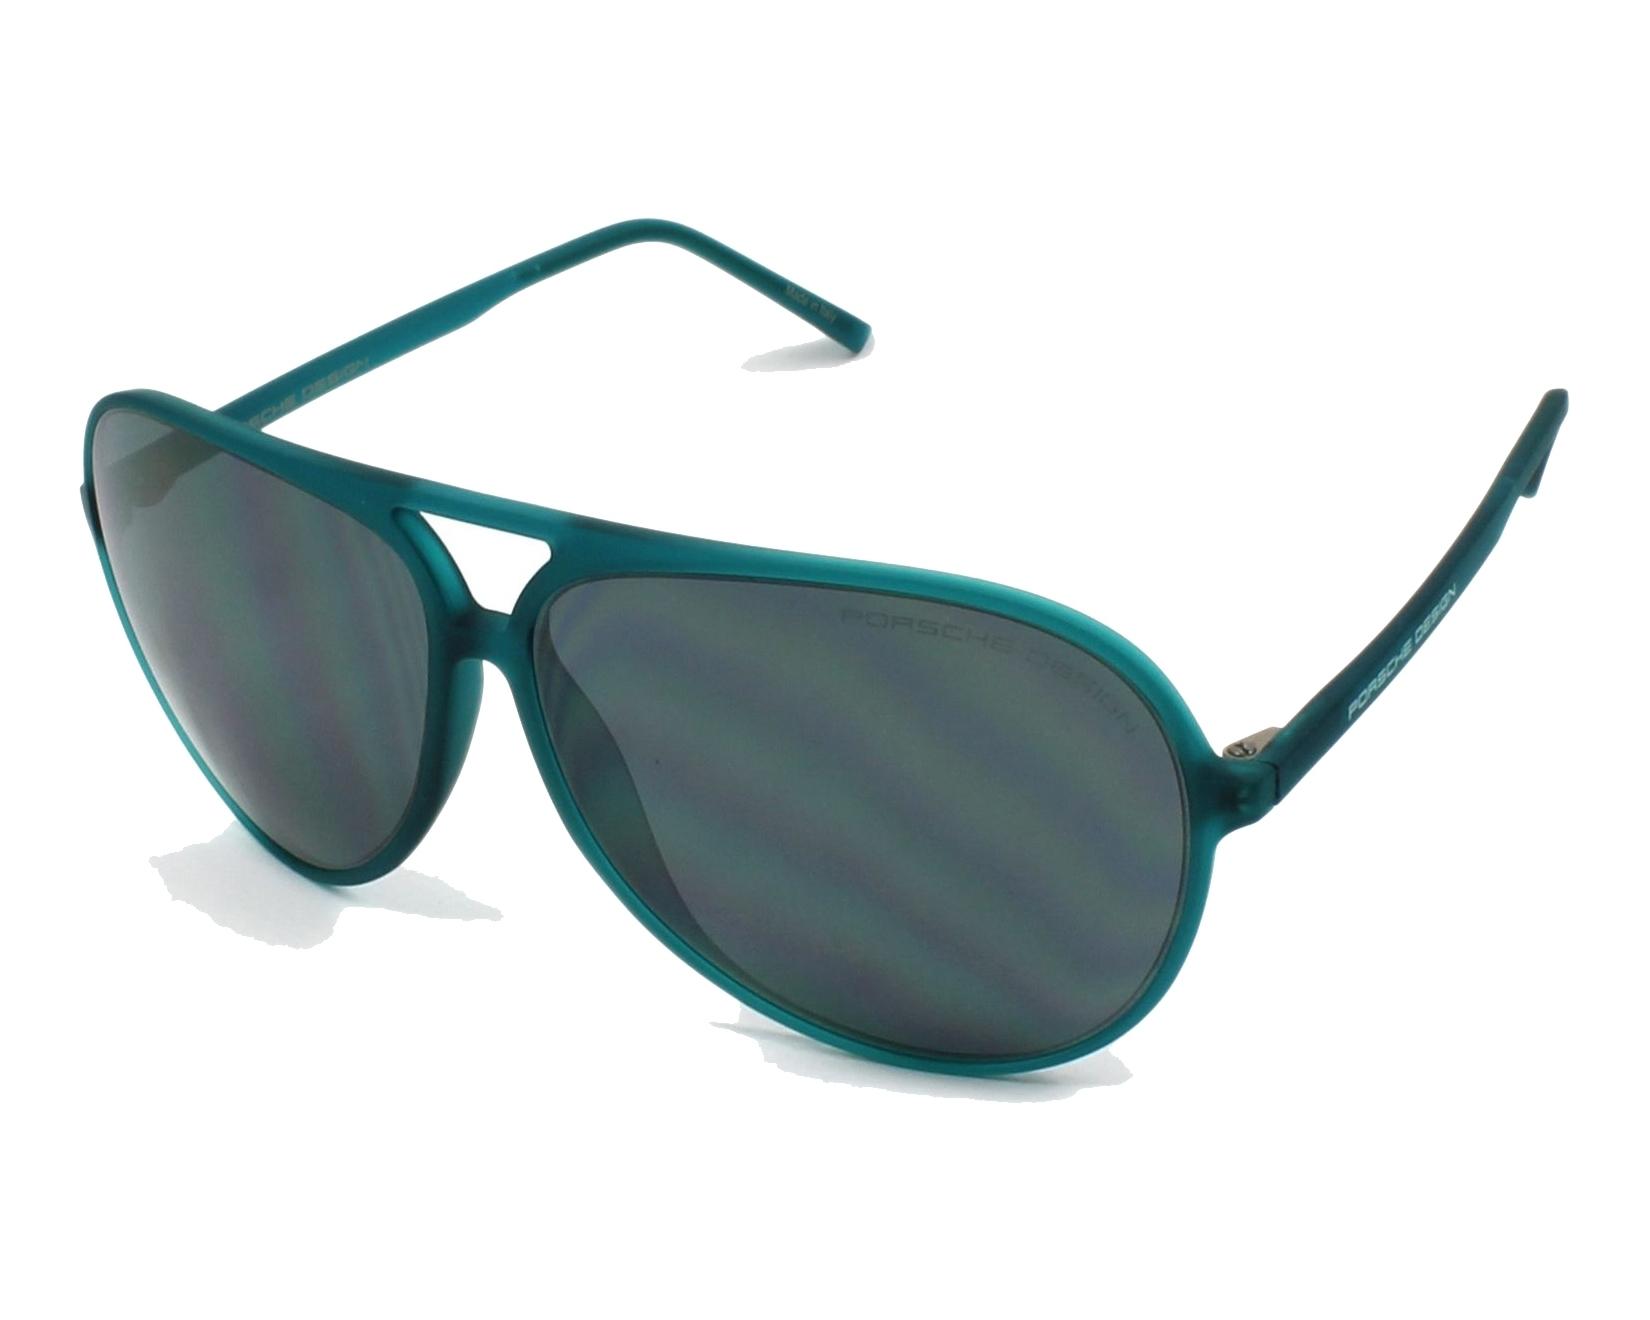 lunettes de soleil porsche design p 8595 a vert avec des verres gris pour hommes. Black Bedroom Furniture Sets. Home Design Ideas